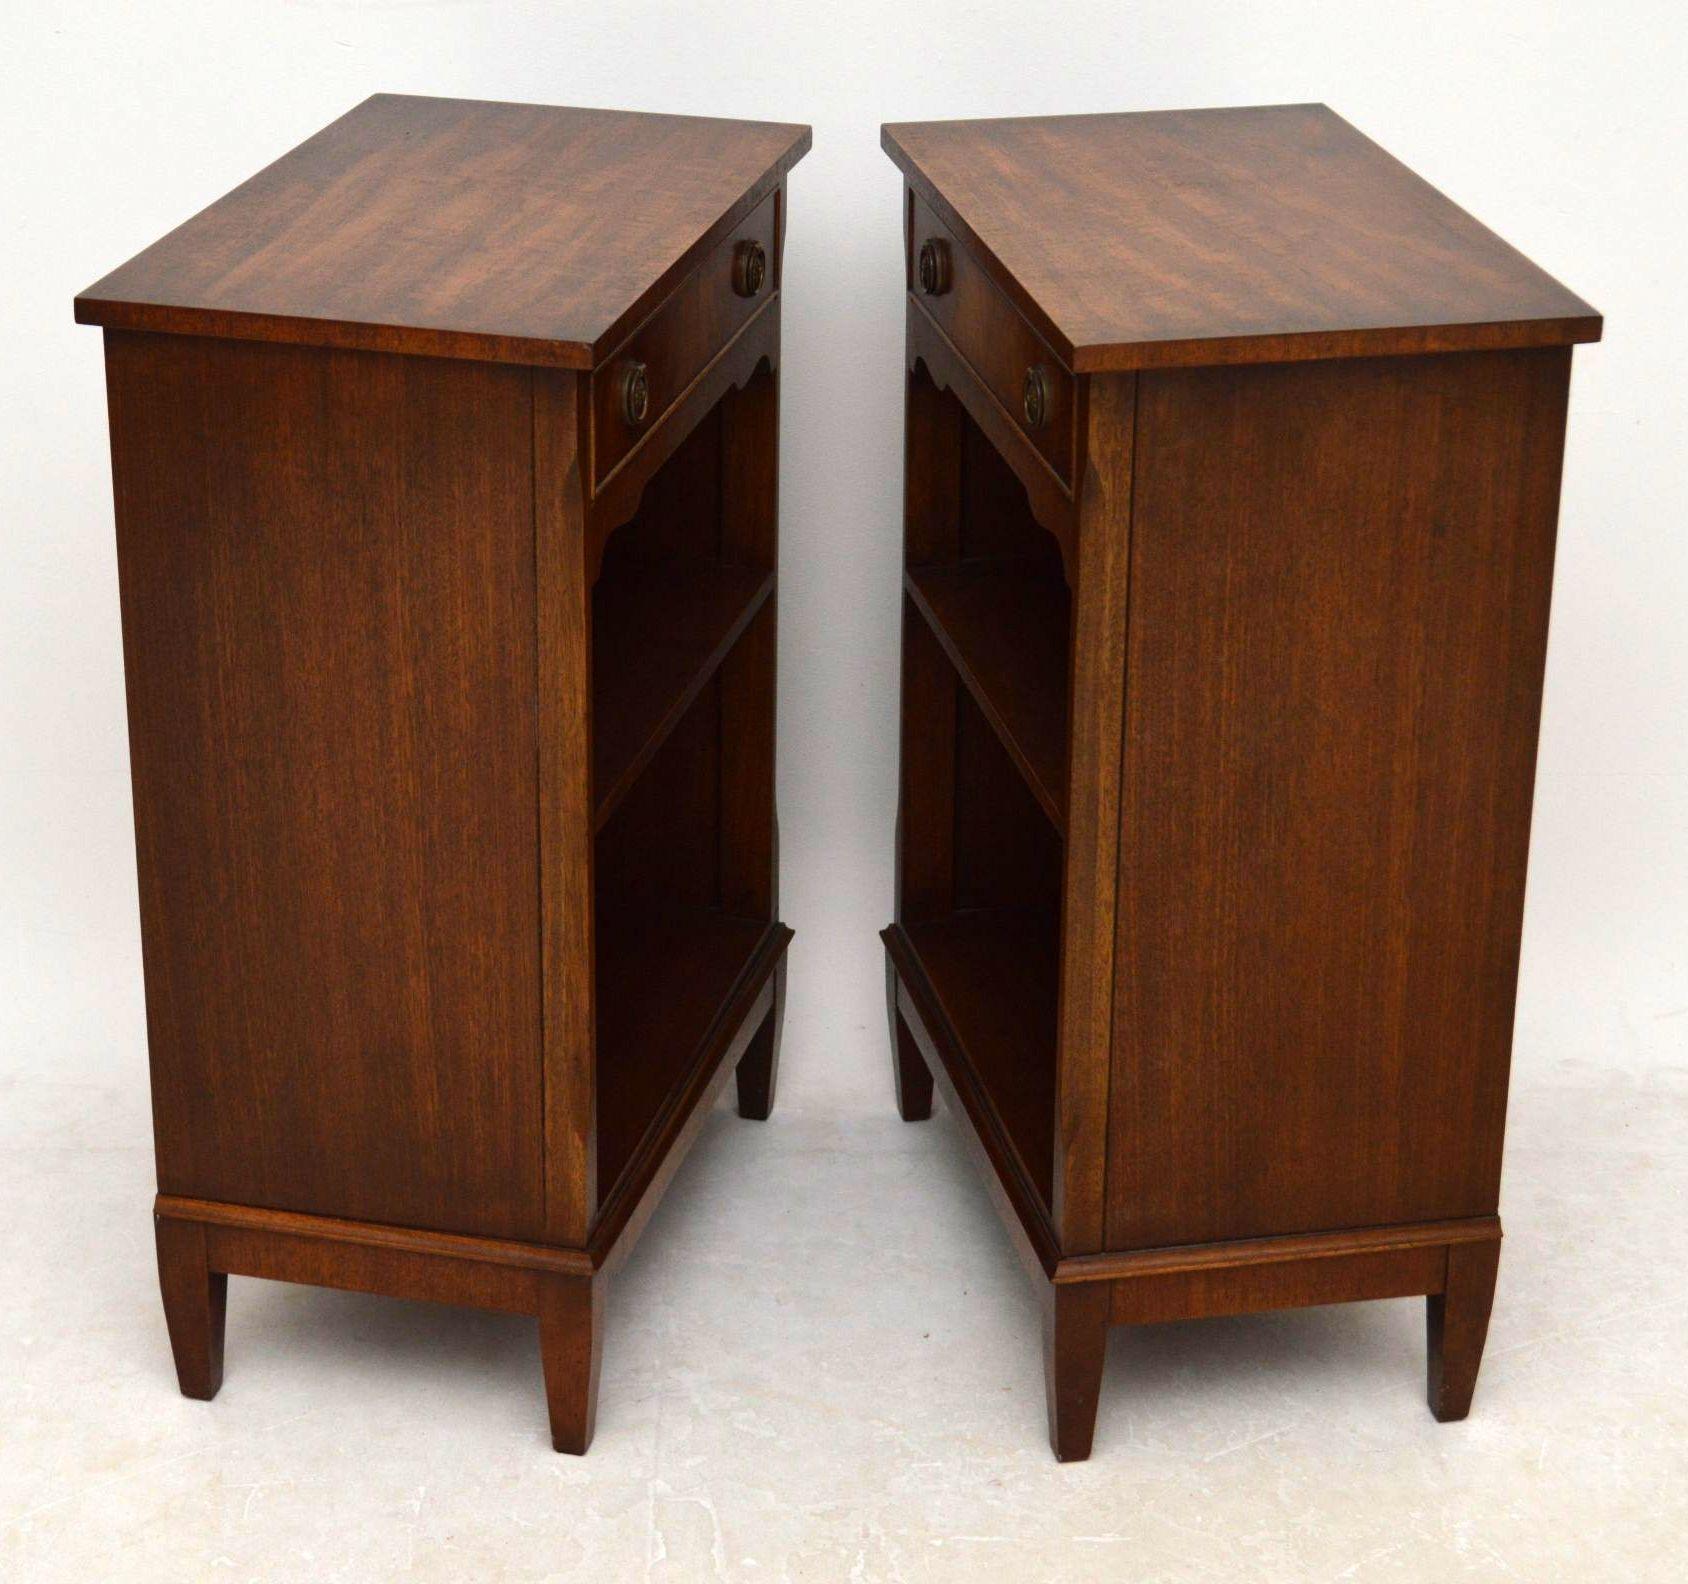 Antiker kleiner beistelltisch 2 etagen kleiner holztisch for Kleiner runder tisch beistelltisch